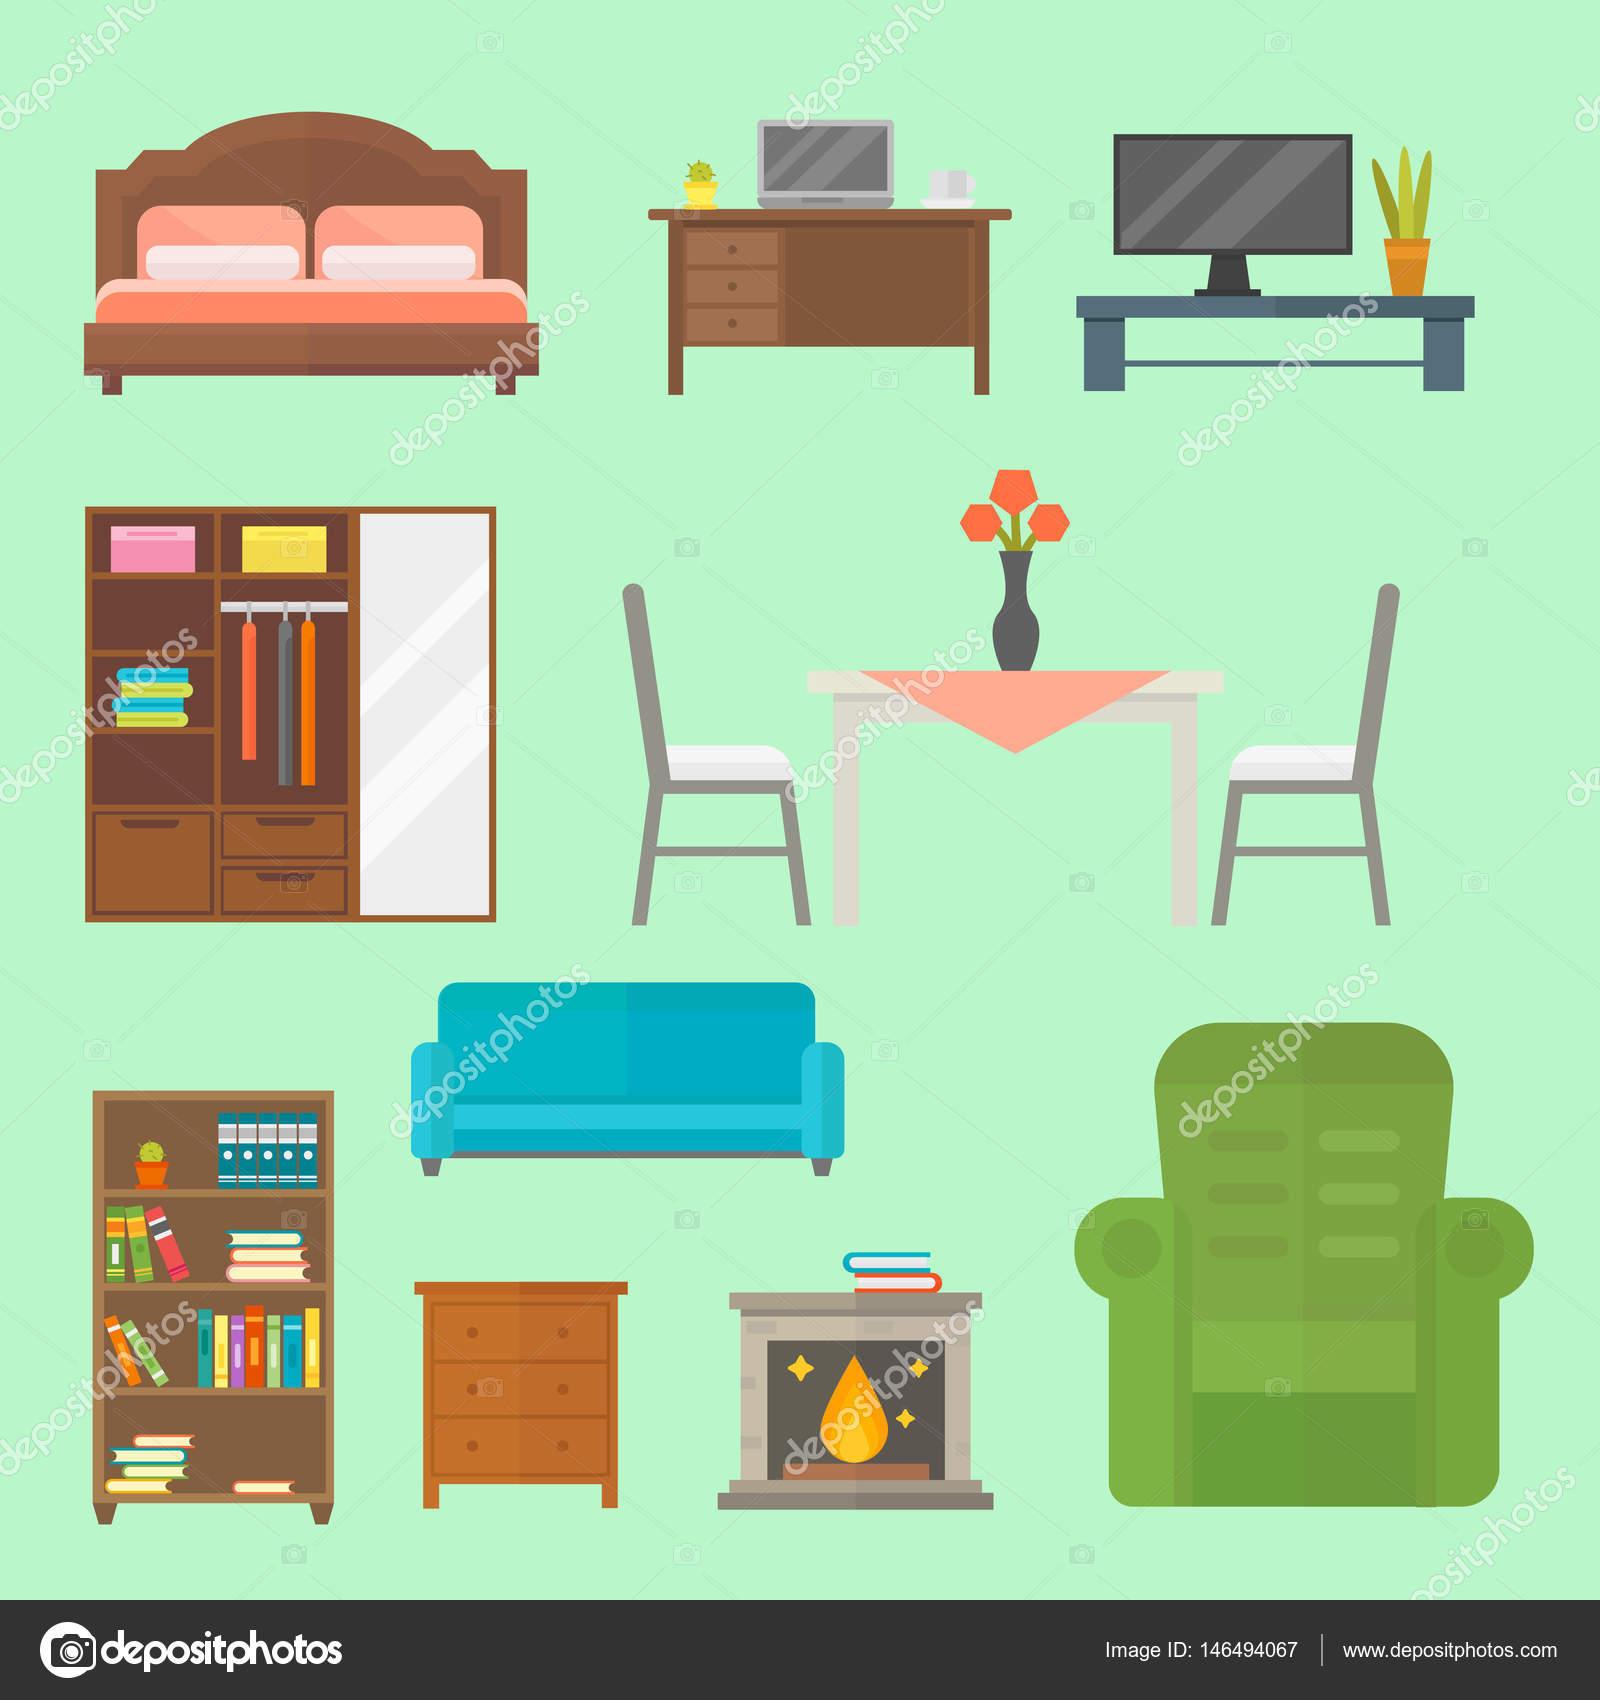 Icono de decoraci n para el hogar muebles conjunto for Mueble vector